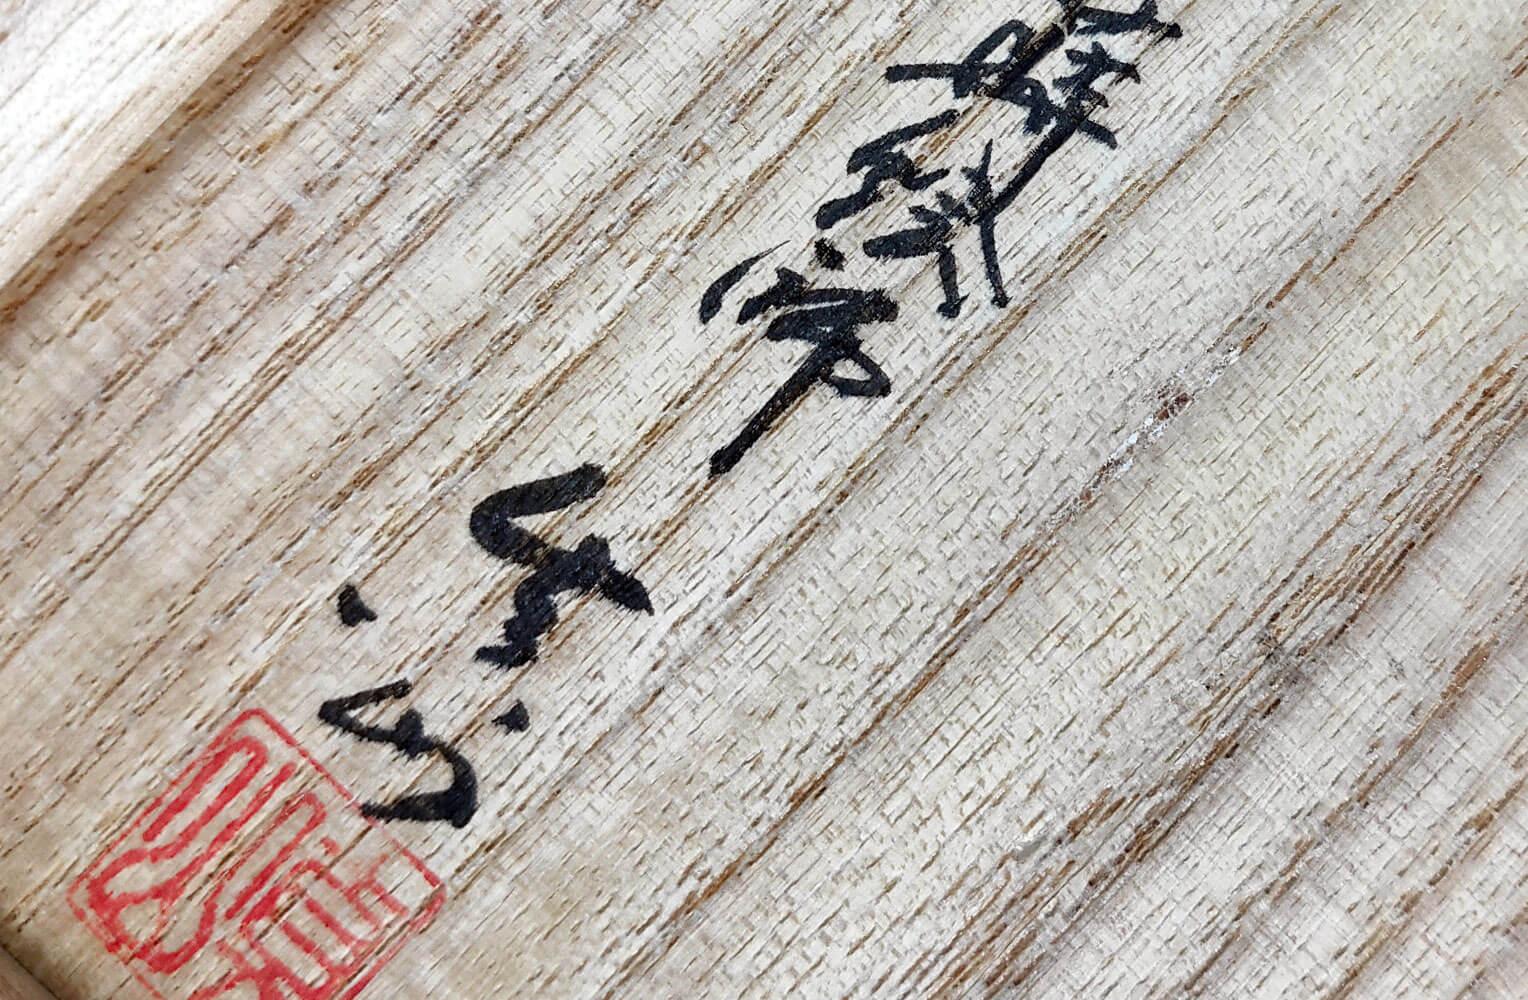 曽又真山 輪島塗関屋の図蒔絵 香炉 商品アップ画像